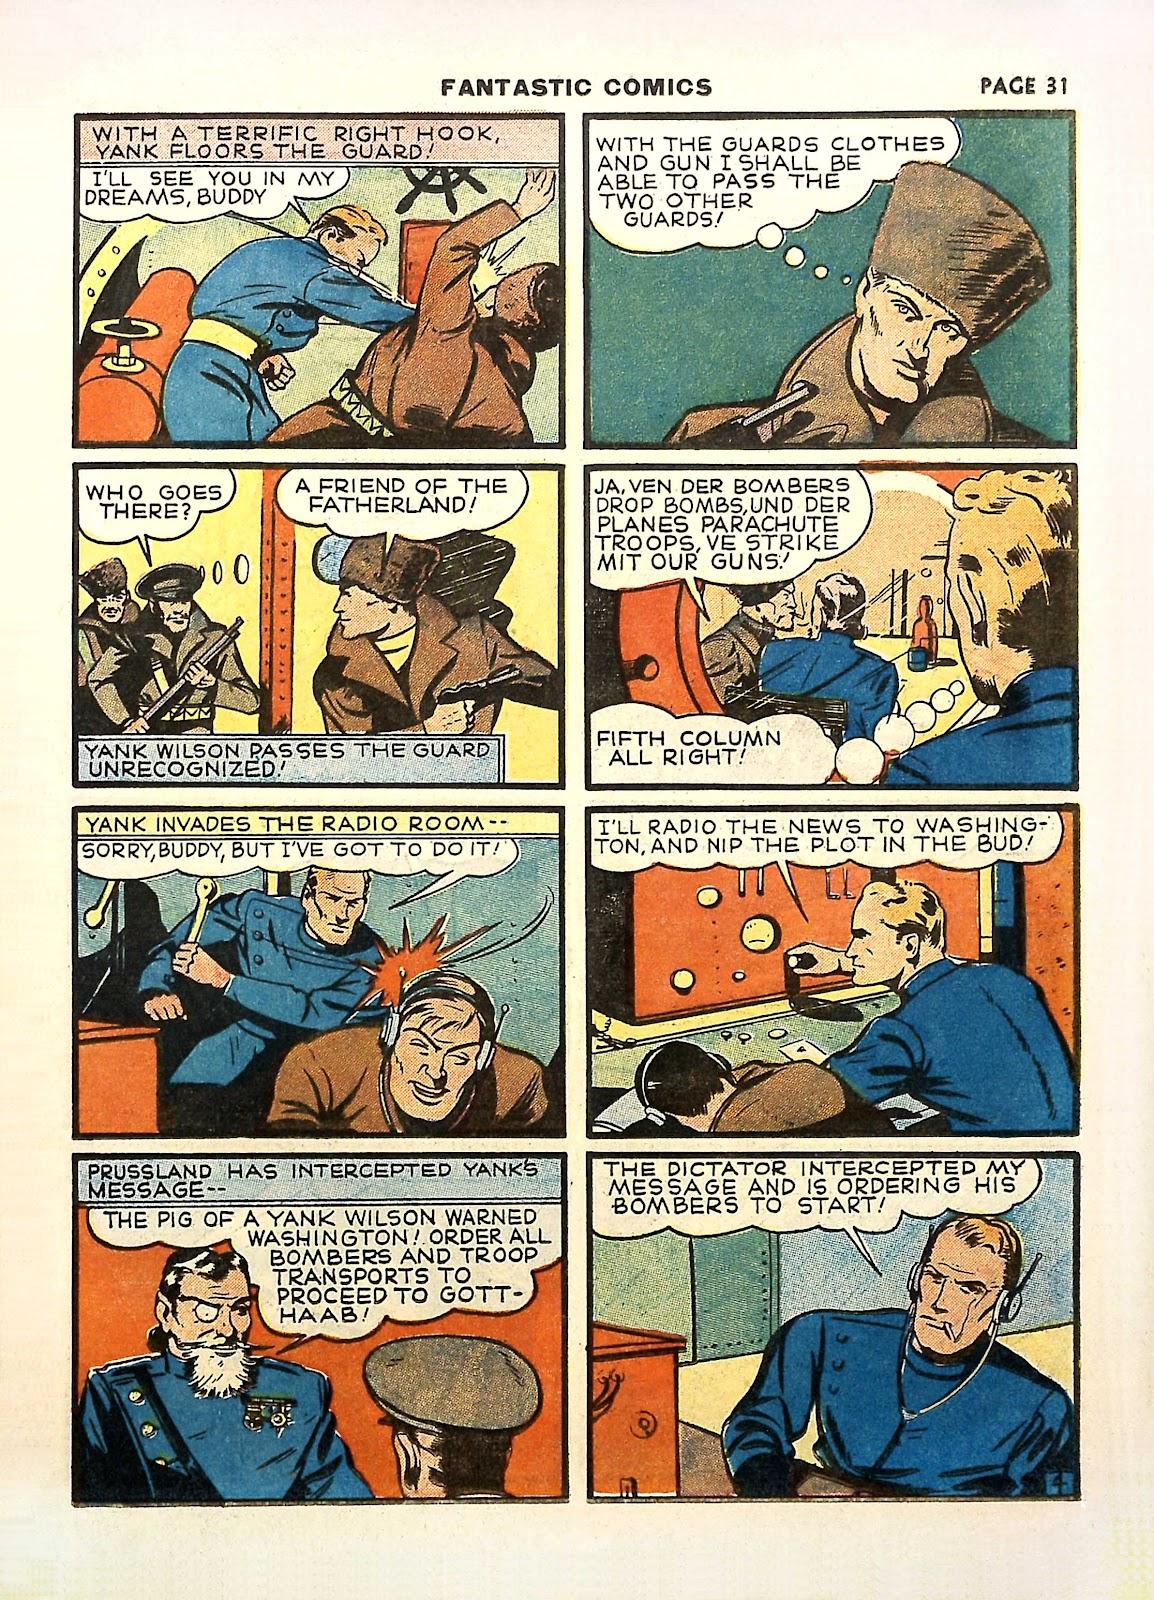 Read online Fantastic Comics comic -  Issue #11 - 34